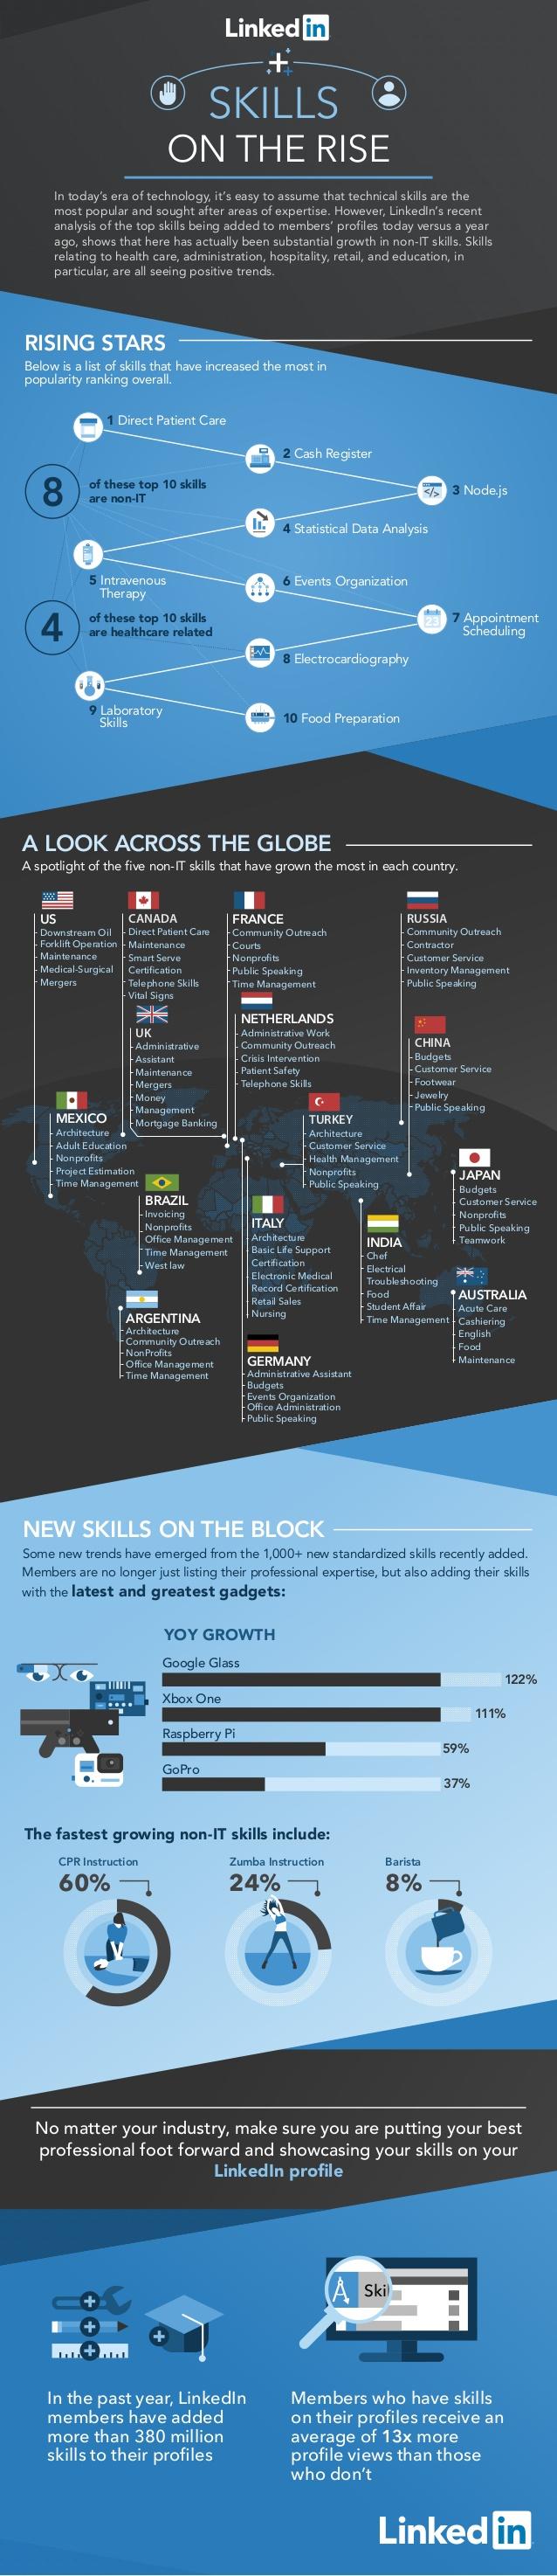 Las competencias que más han crecido en Linkedin